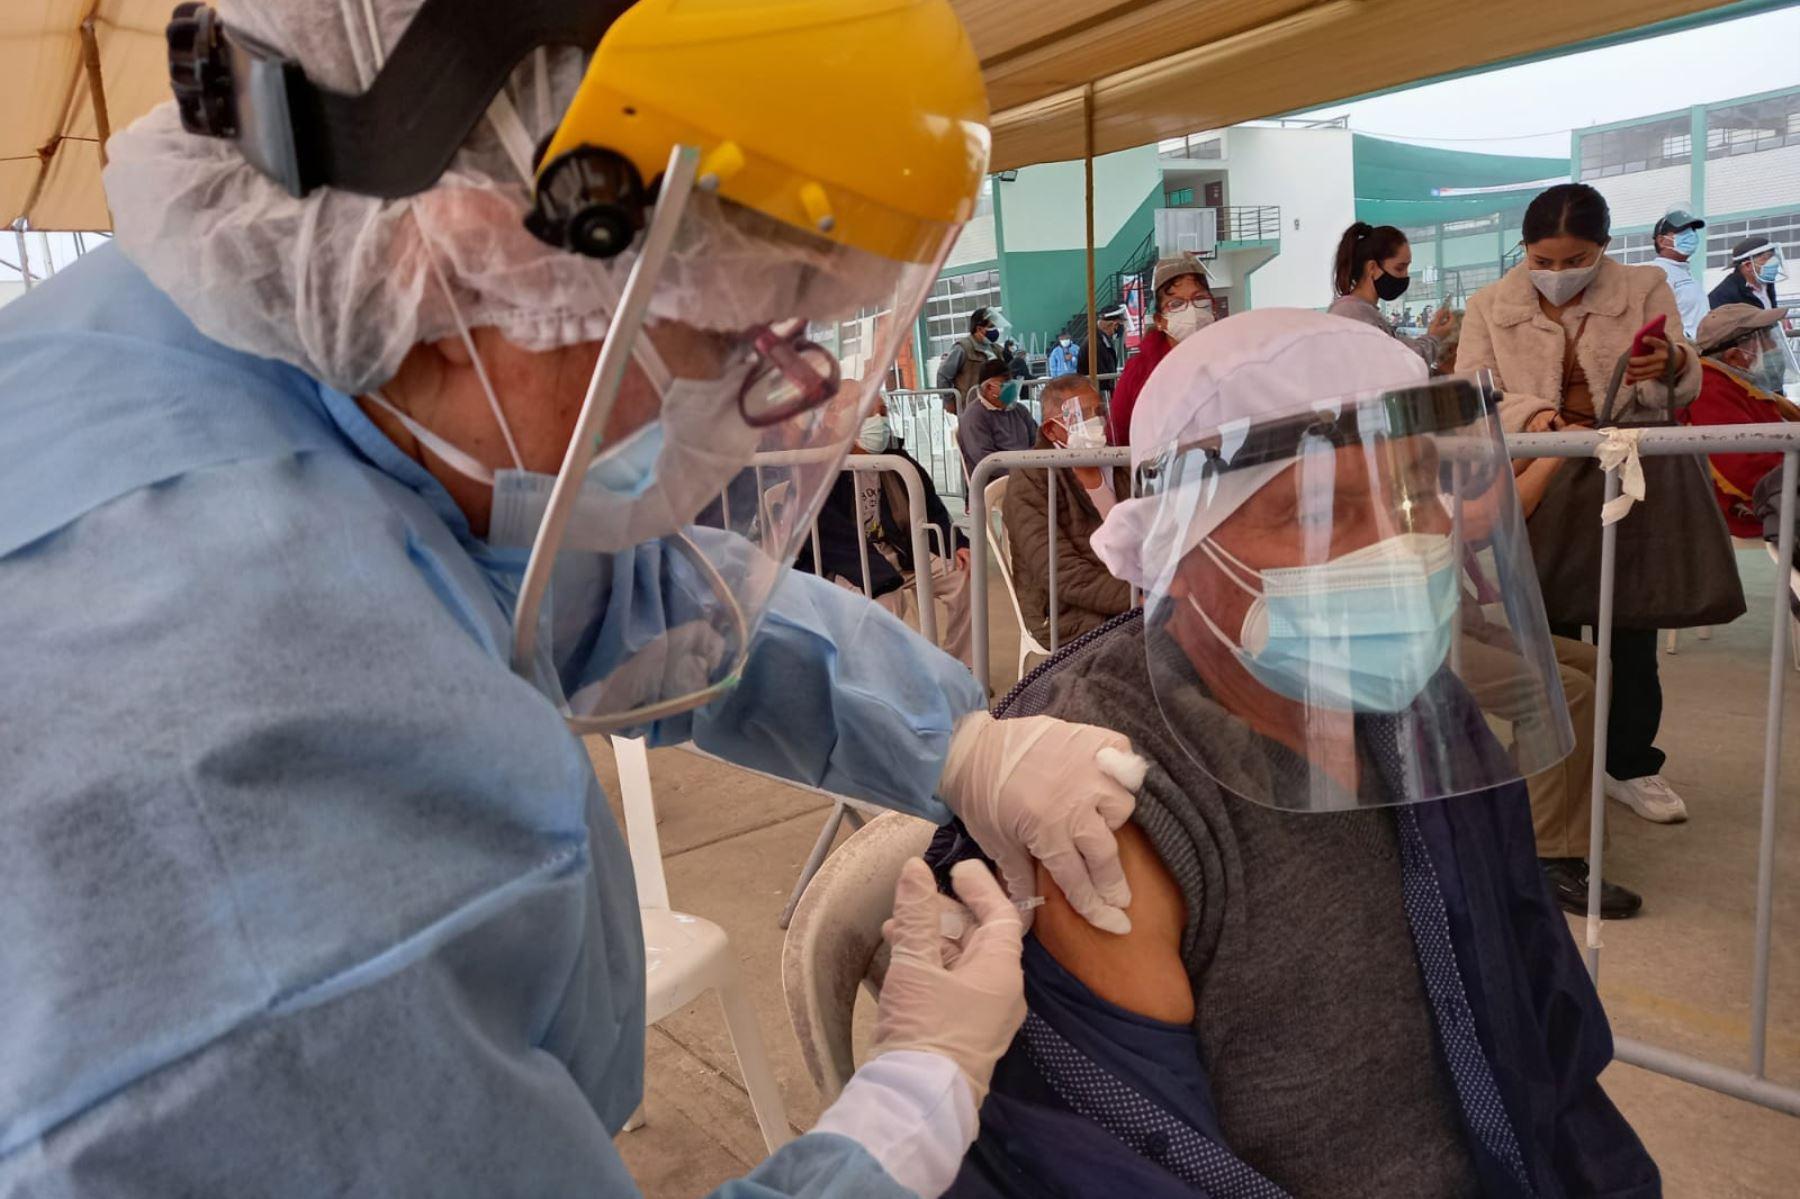 Vacunación: Otorgarán 1 día de licencia